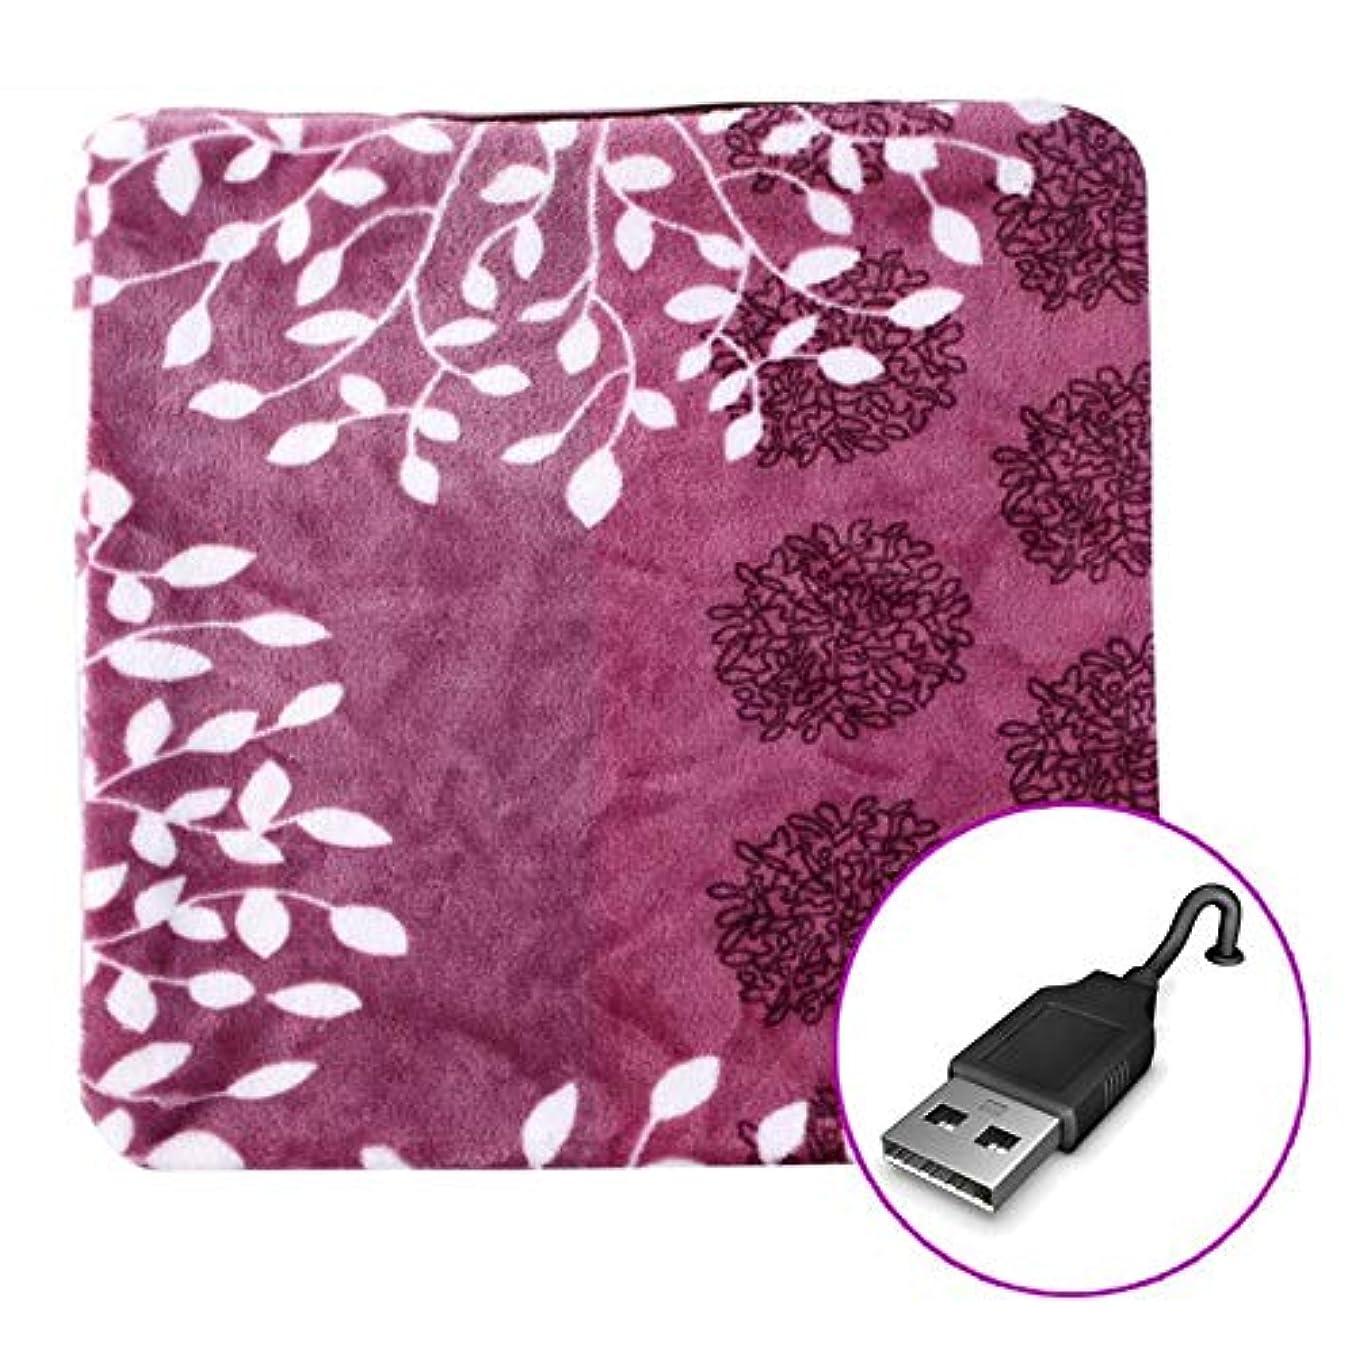 作り上げる深める肥料LIFE 加熱クッション USB 45 × 45 センチメートルリムーバブルと洗える加熱パッド暖かいパッドオフィス電熱クッション電気加熱毛布クッション クッション 椅子